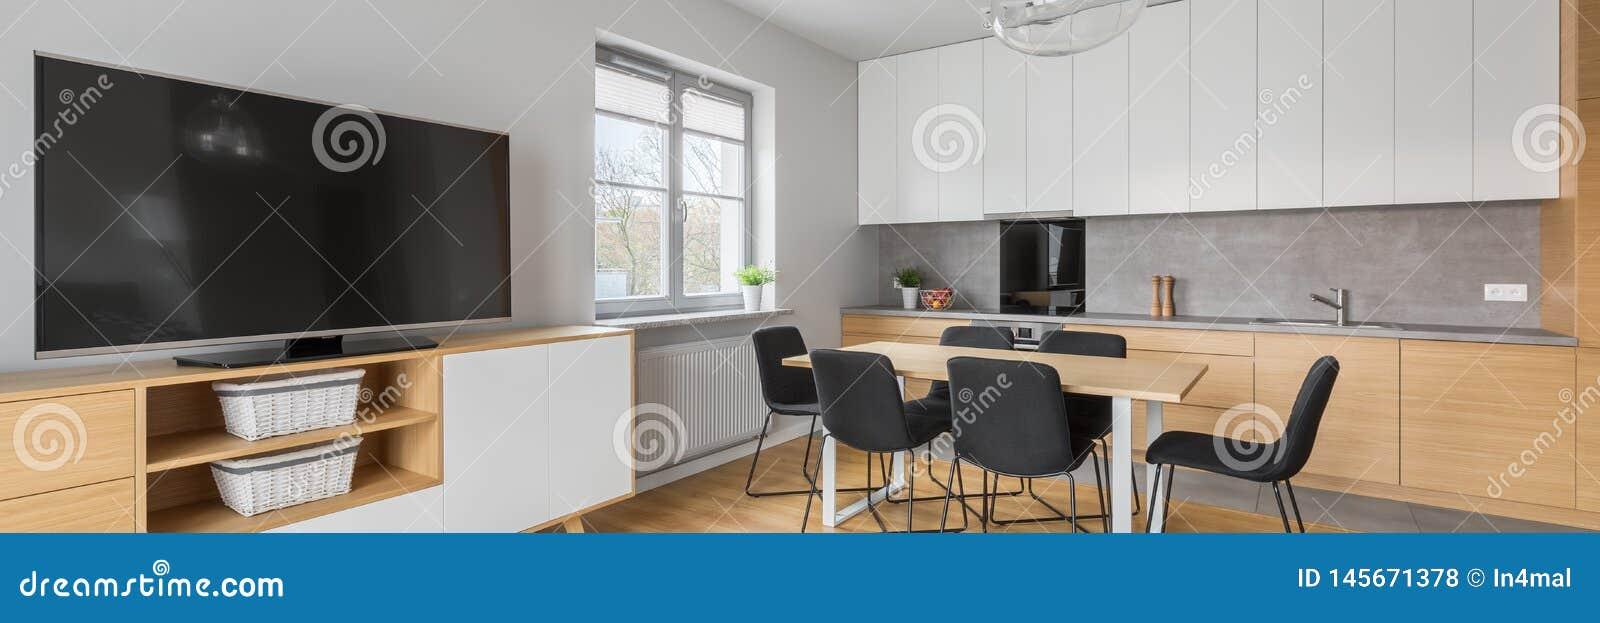 Panorama D\'intérieur à La Maison Moderne Photo stock - Image ...